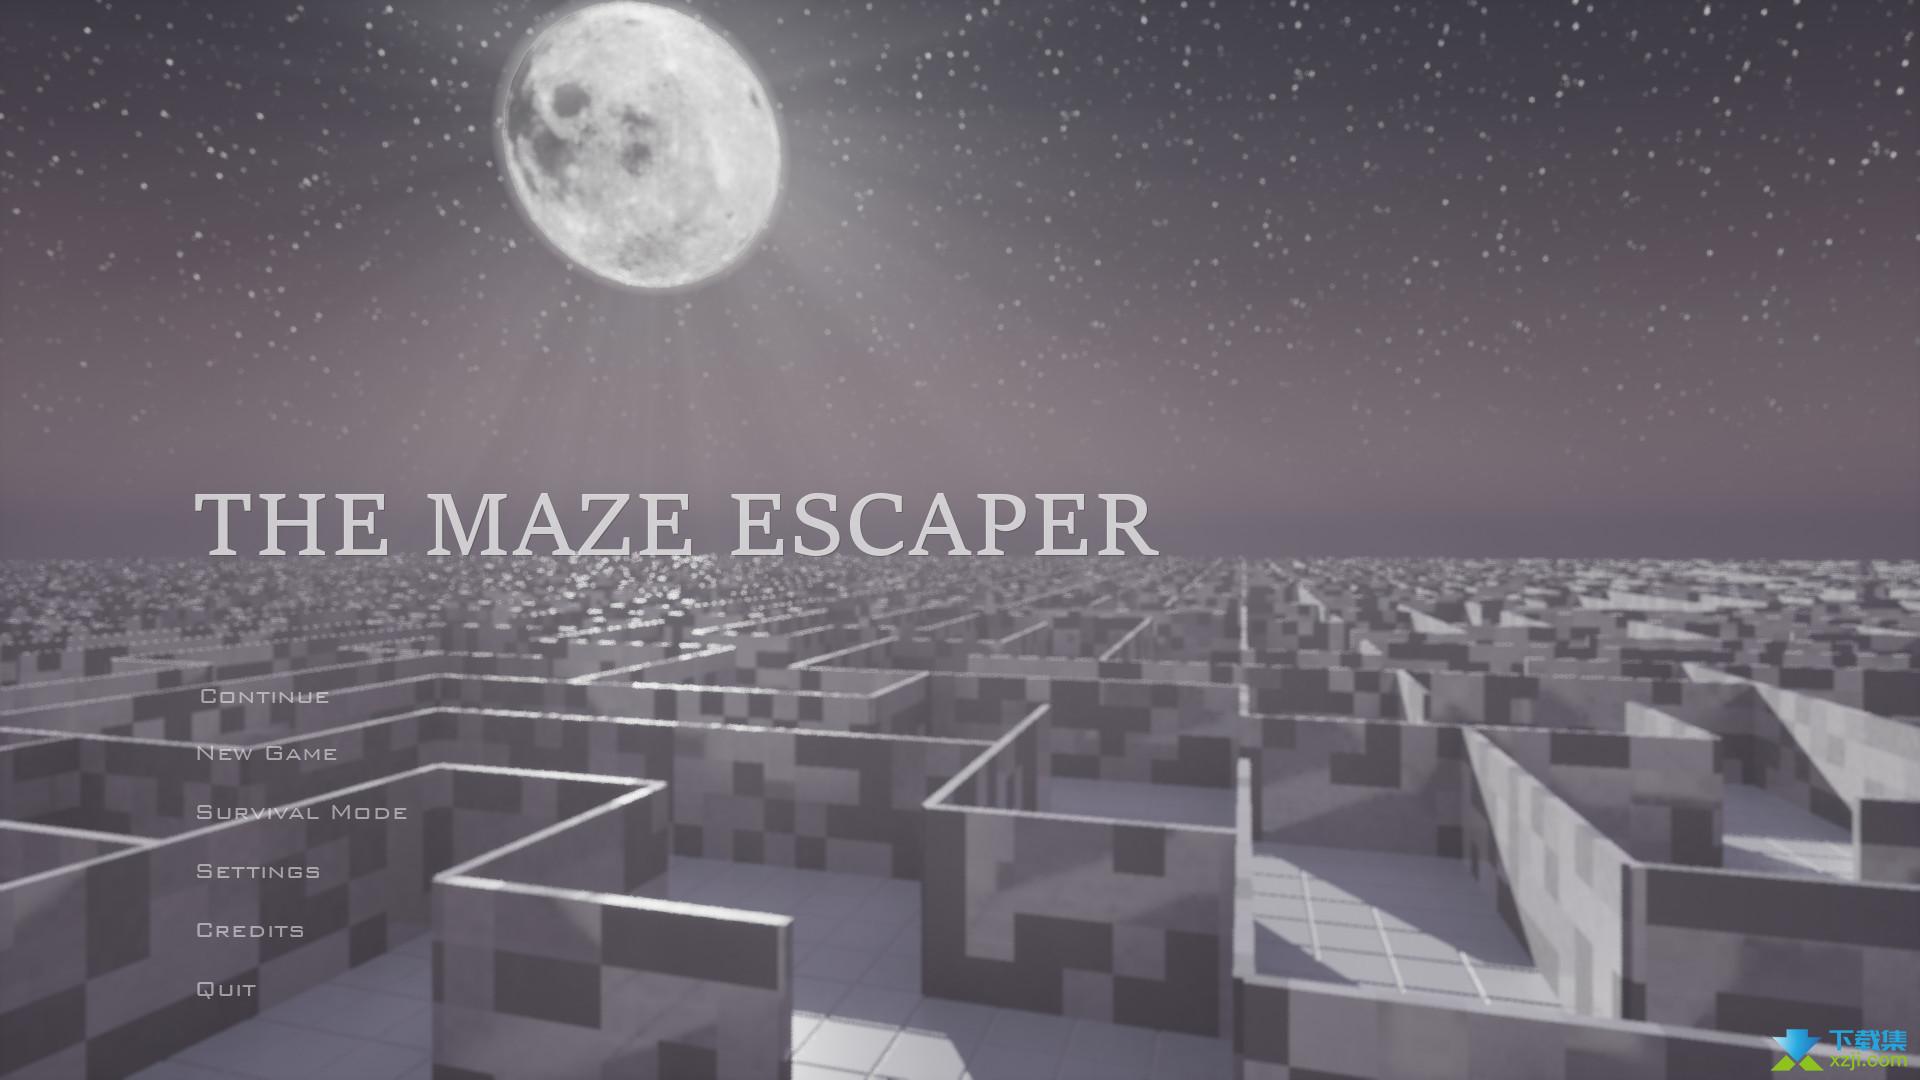 迷宫逃亡者界面1